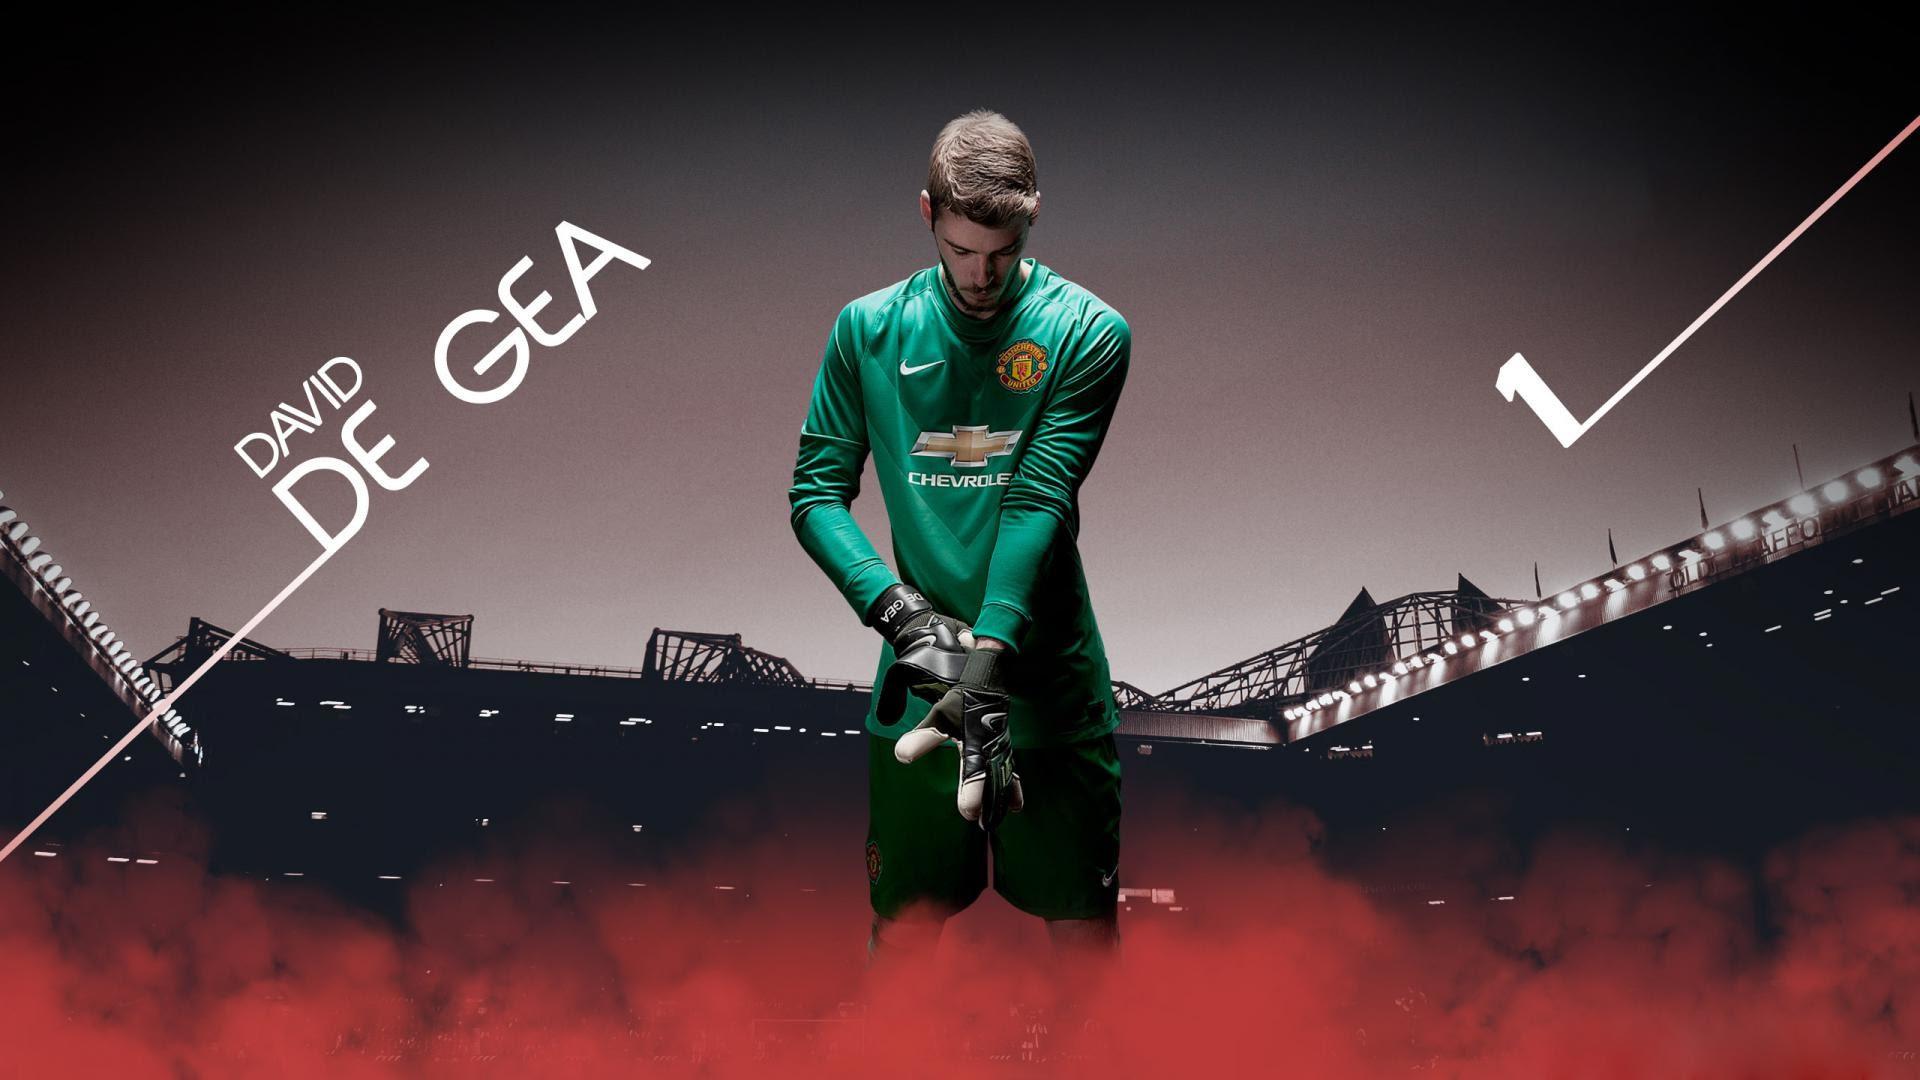 Unduh 42 Wallpaper Keren Hd Manchester United HD Paling Keren